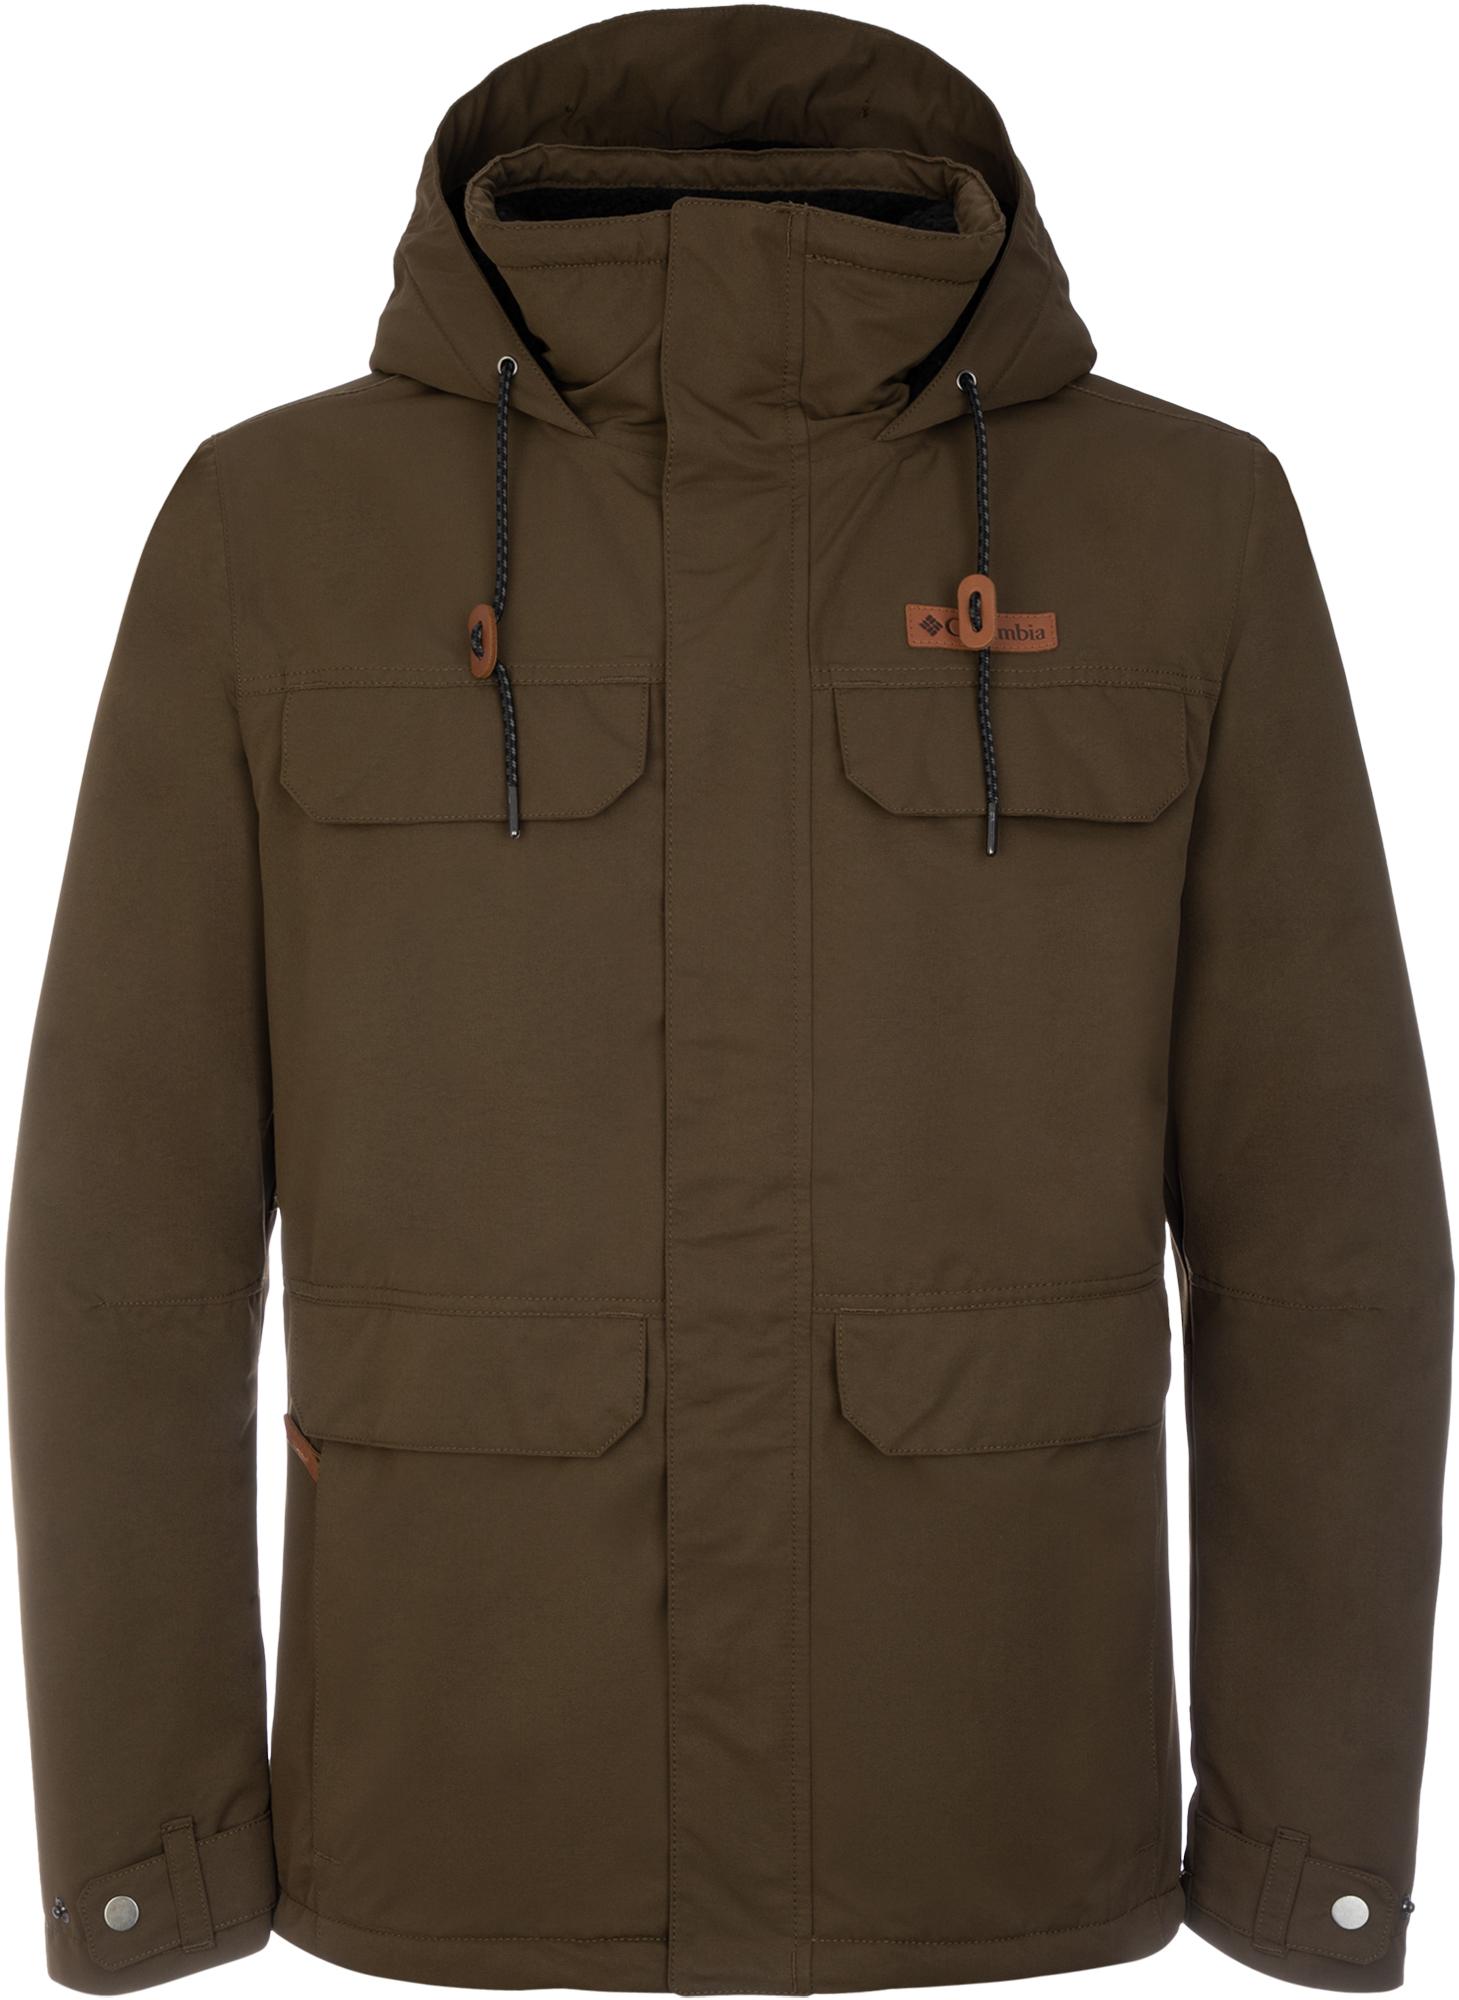 Columbia Куртка утепленная мужская South Canyon, размер 54